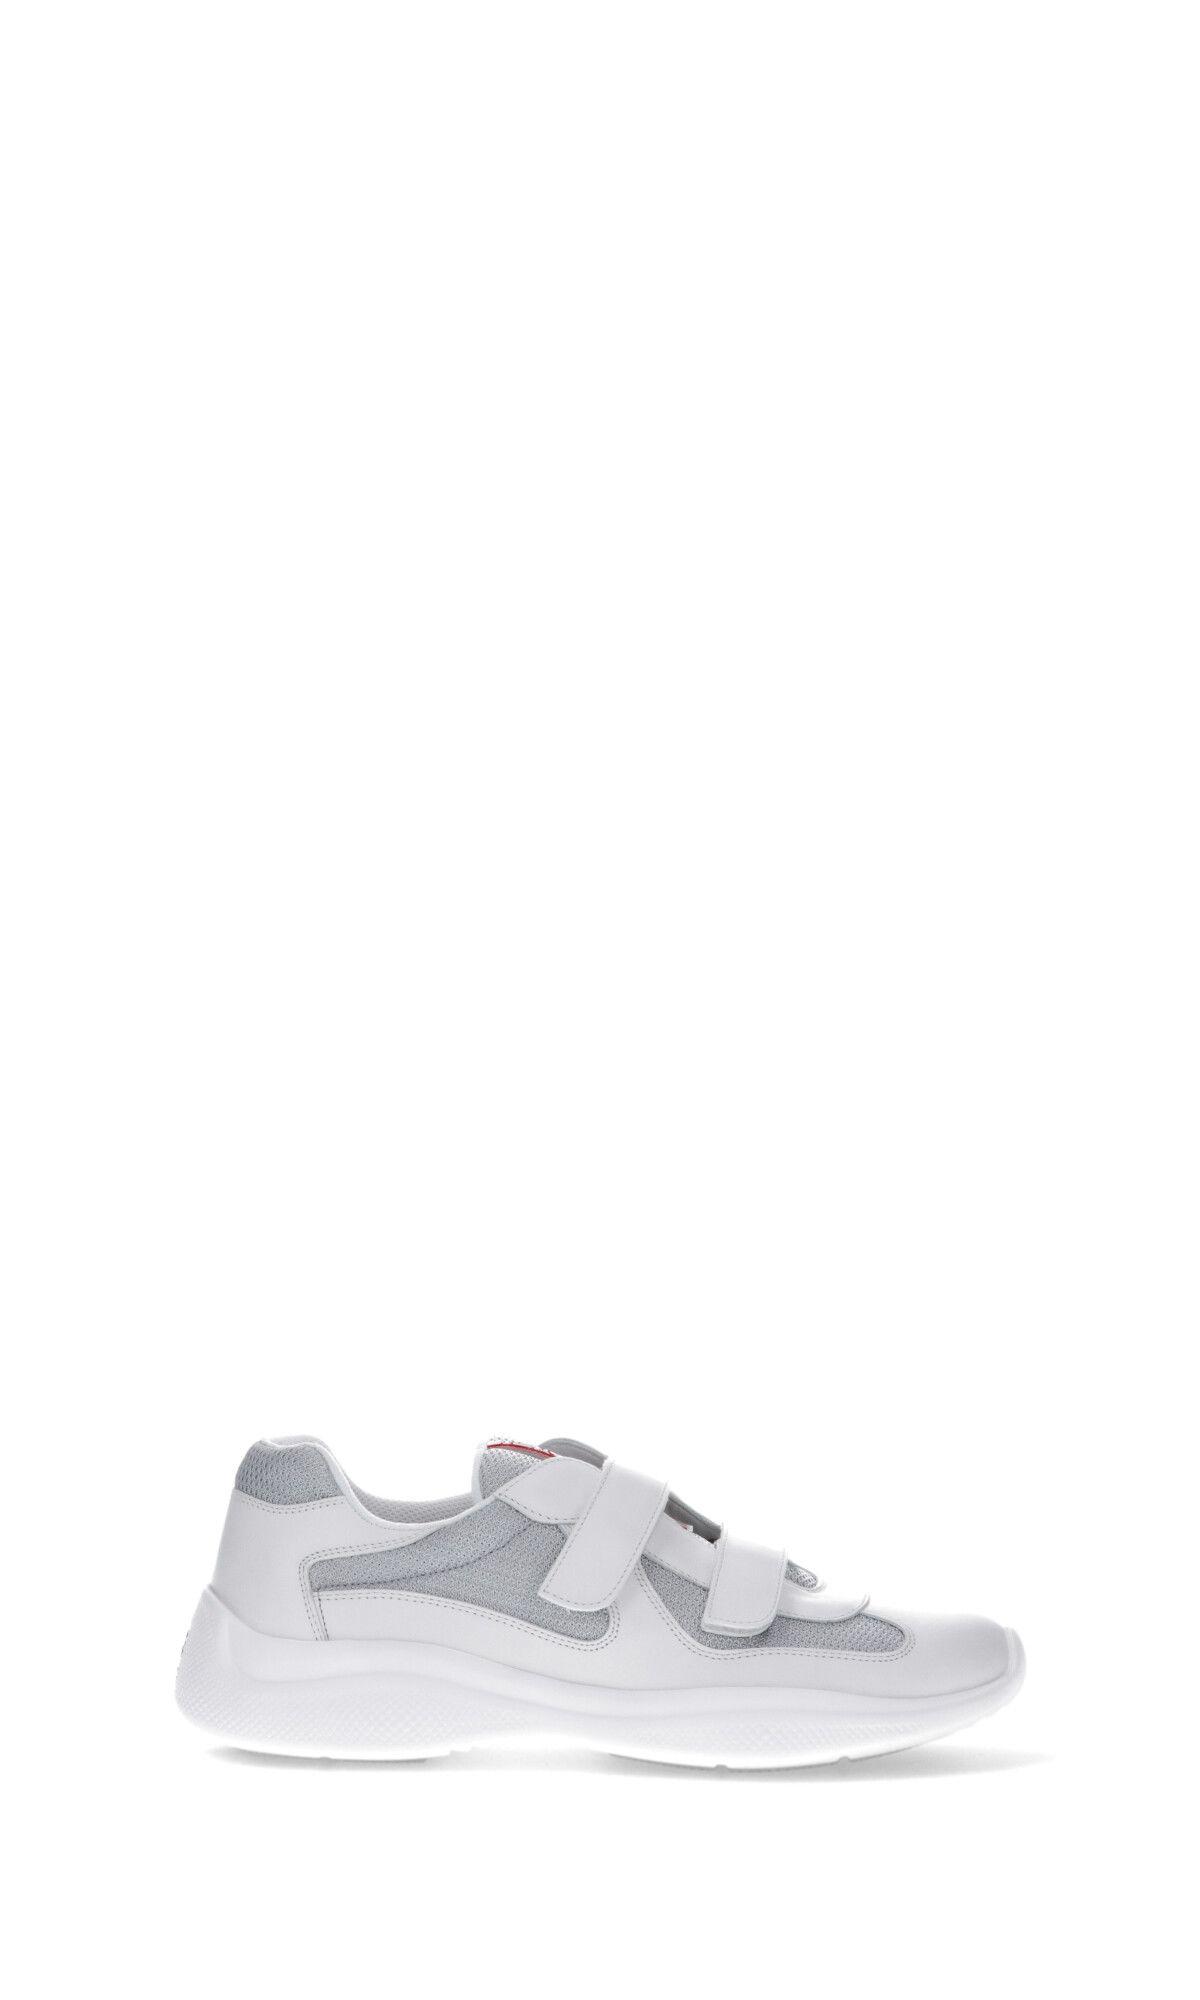 Prada Sneakers   italist, ALWAYS LIKE A